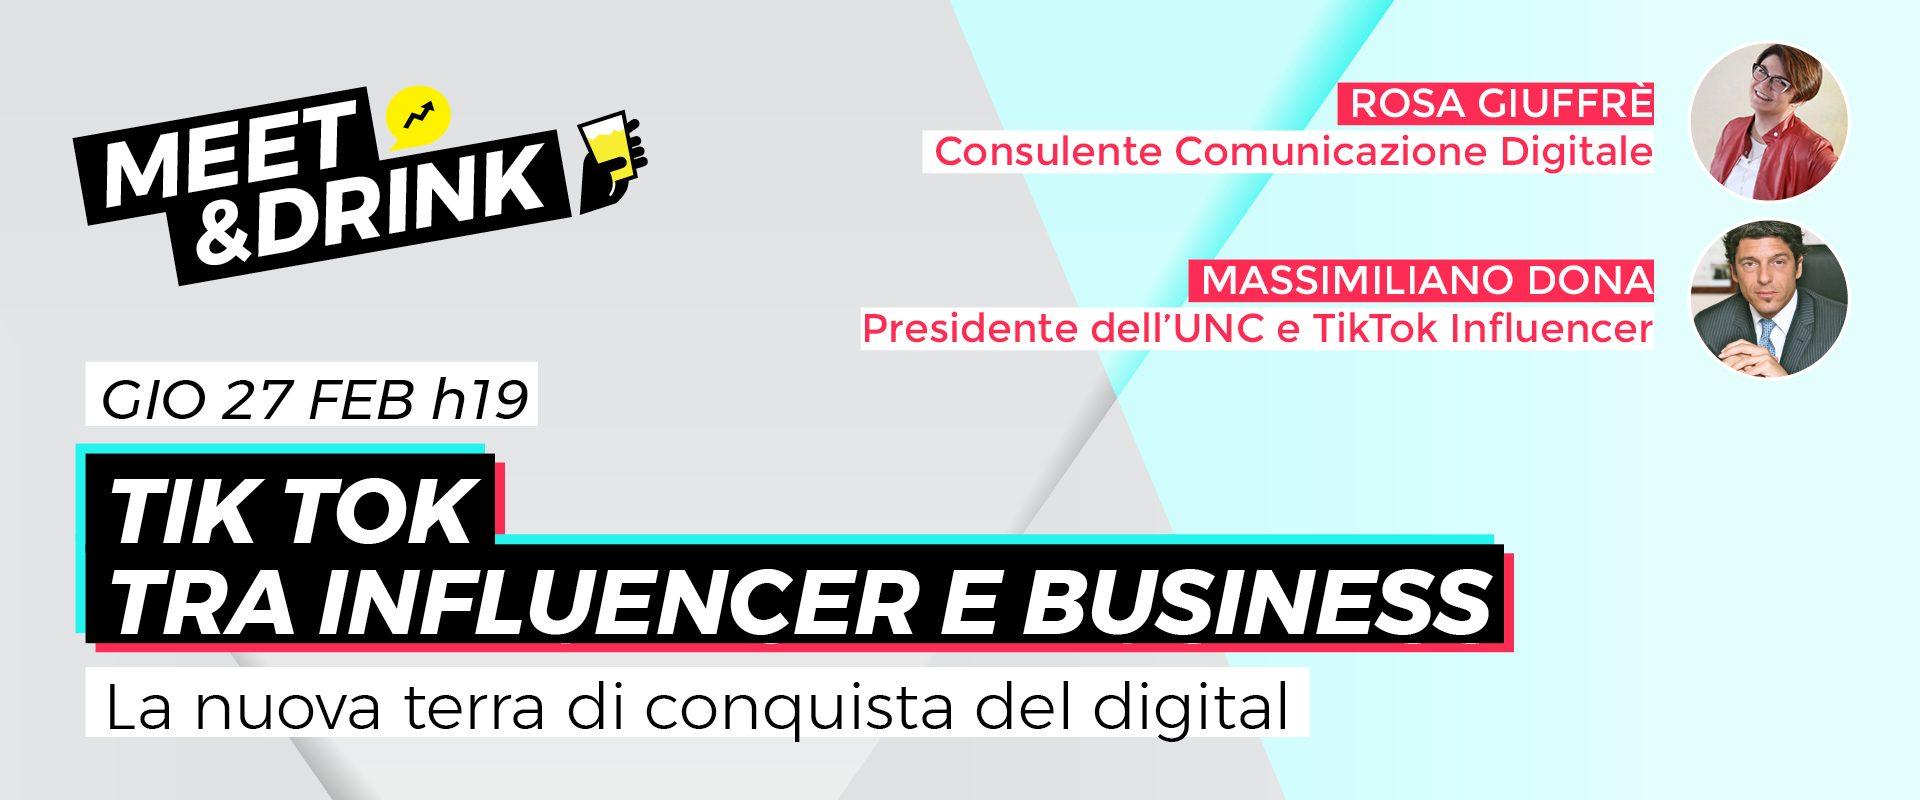 TikTok tra influencer e business